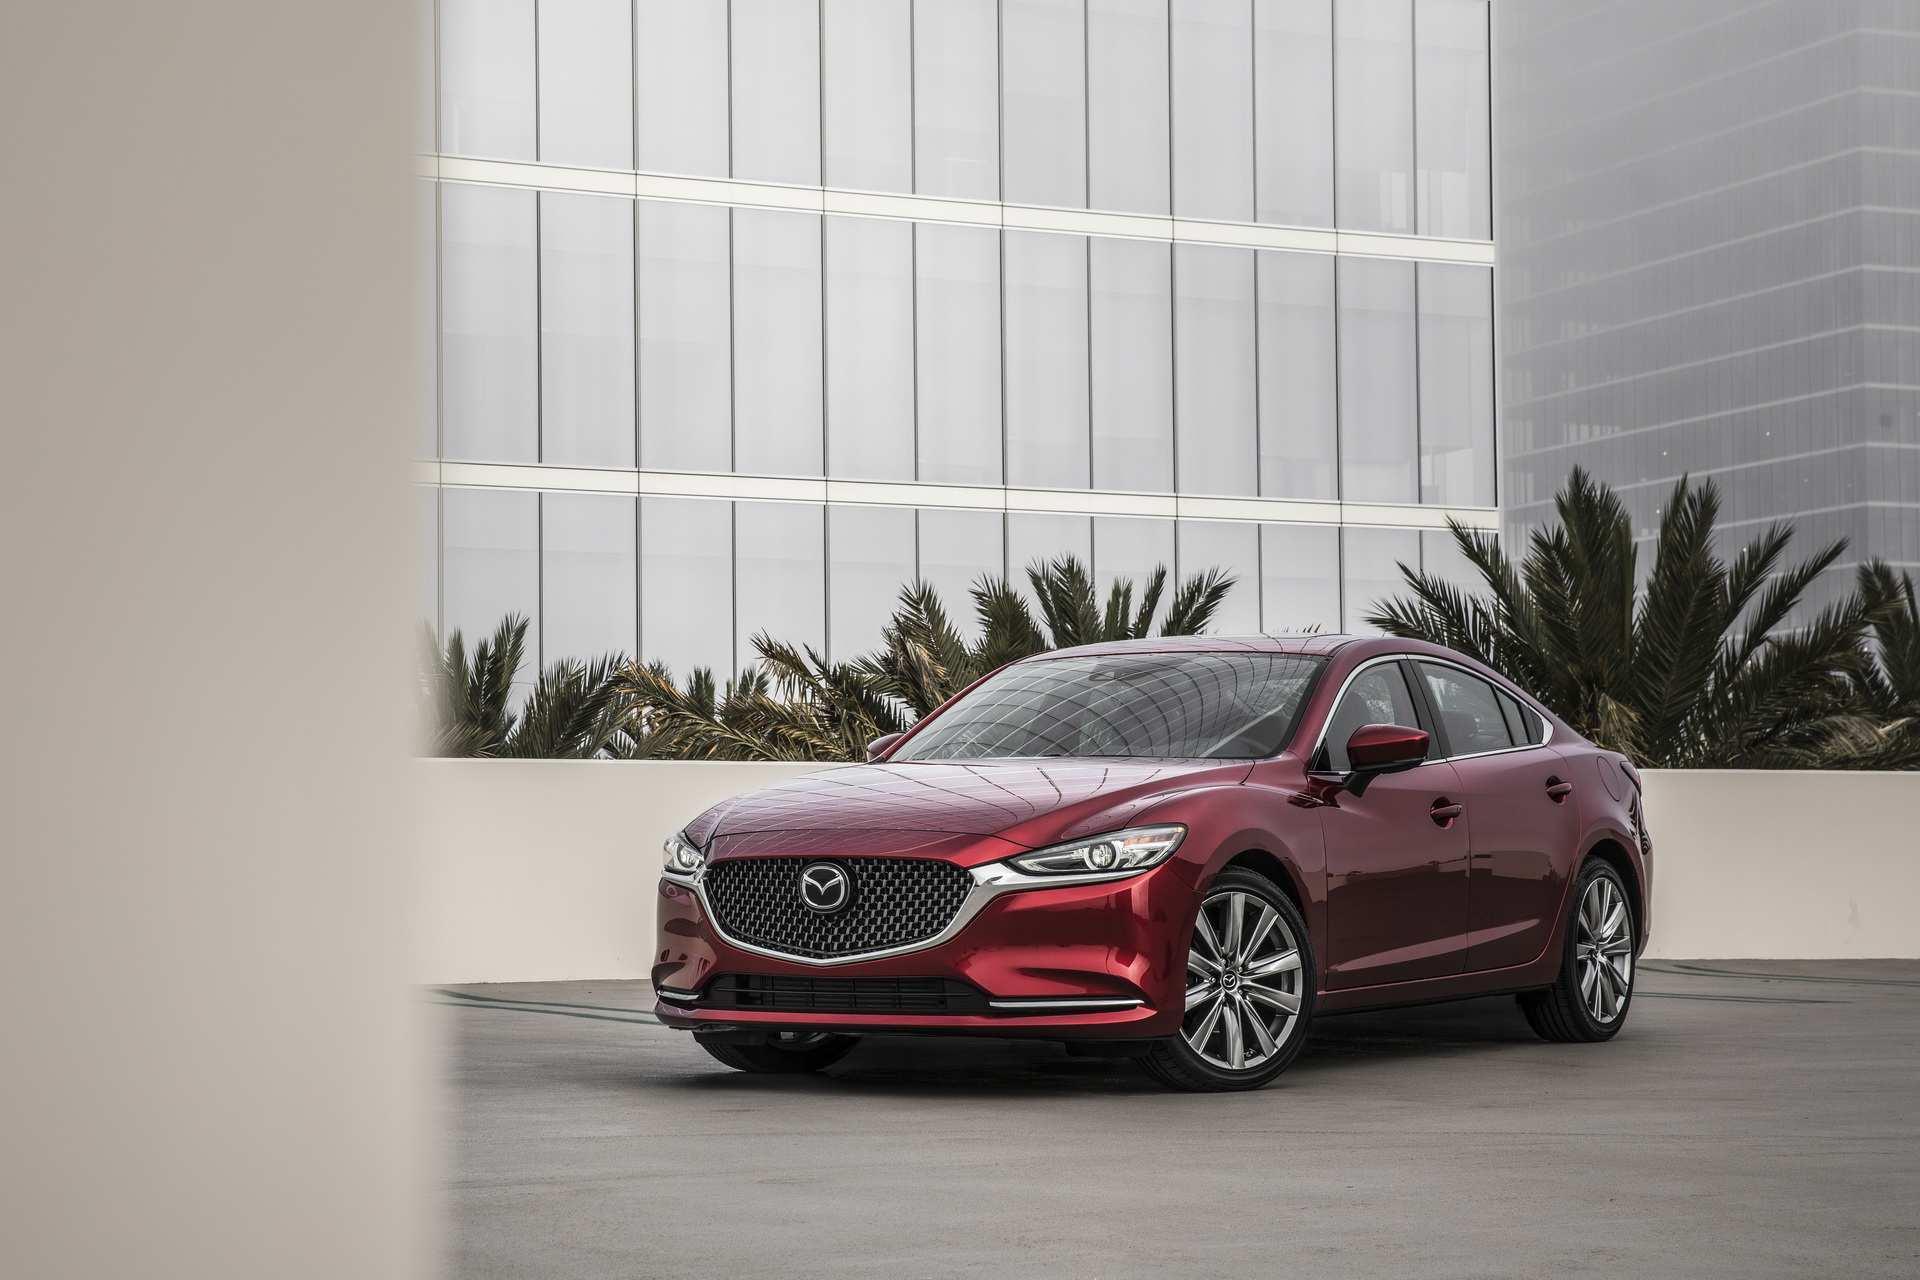 74 New Mazda Ev 2020 Style by Mazda Ev 2020